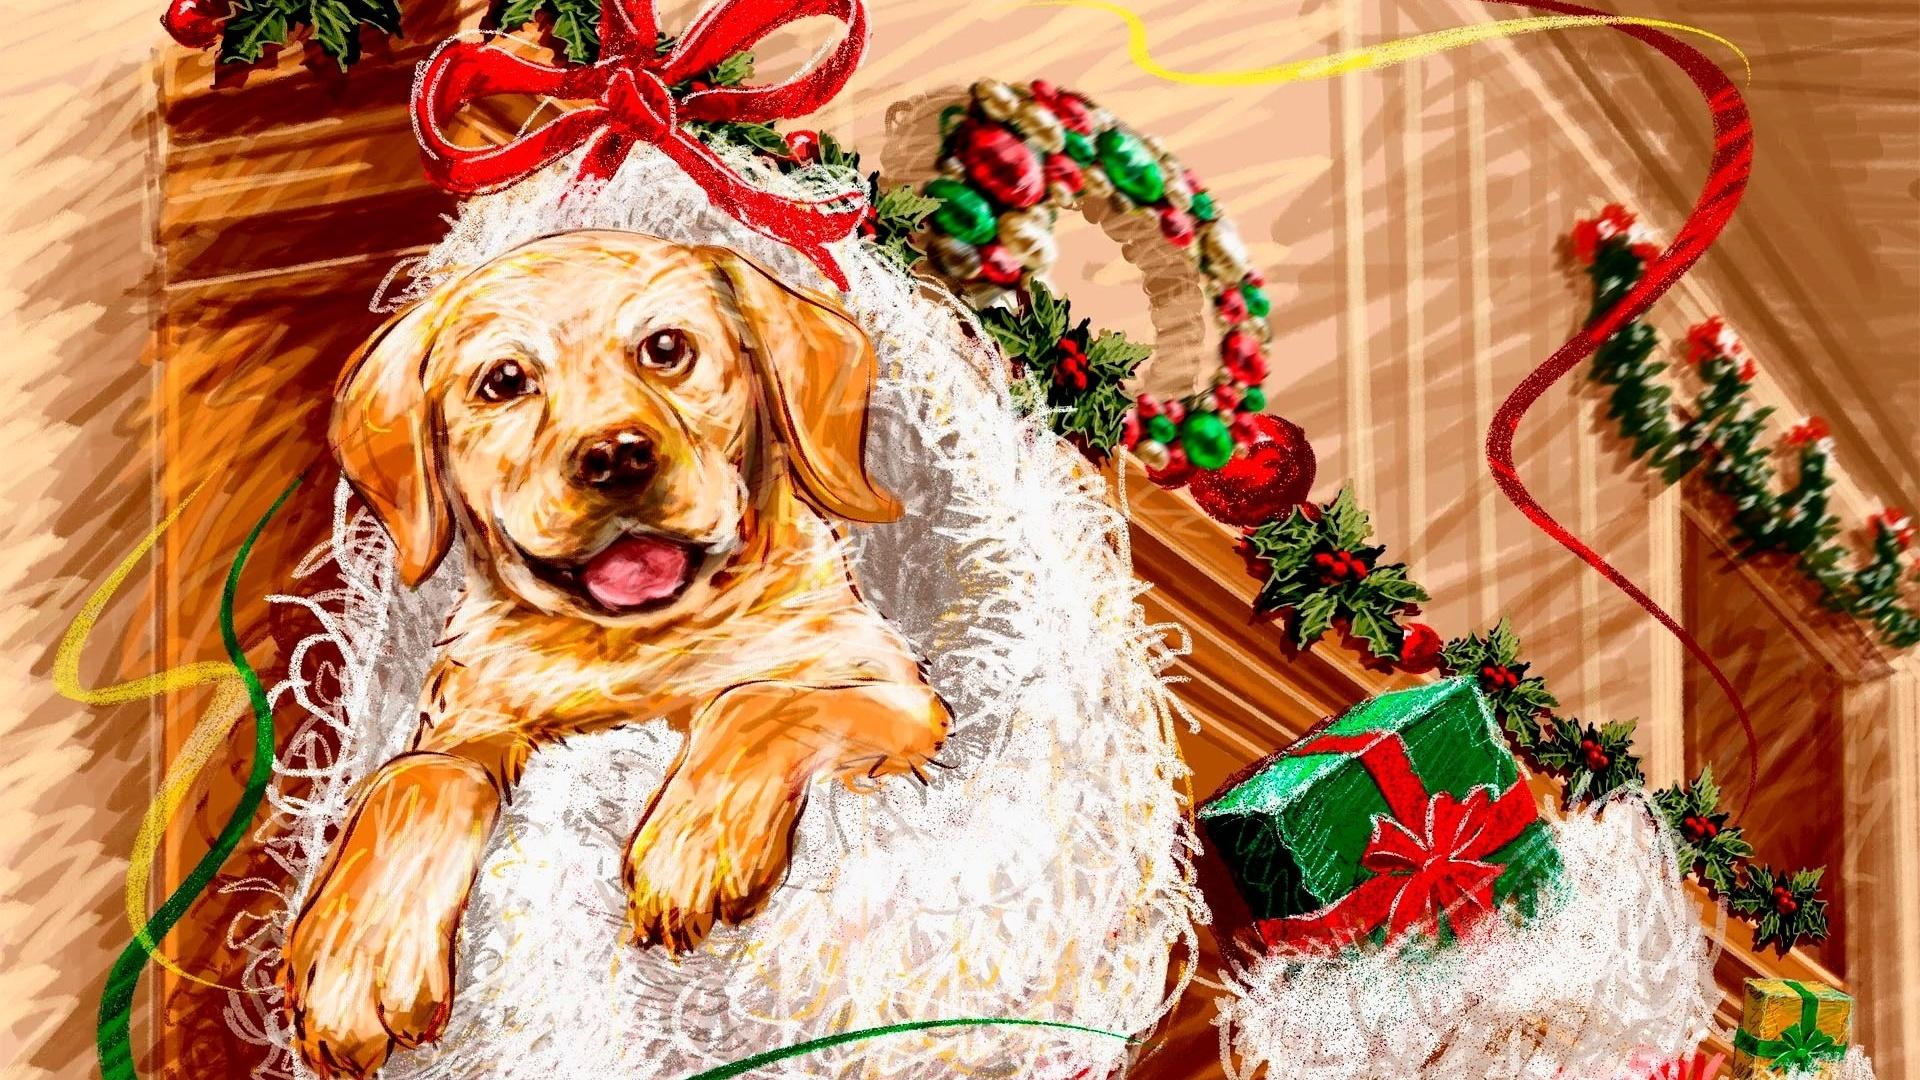 Смешные картинки на новый год собаки 2018, картинки приколов олег